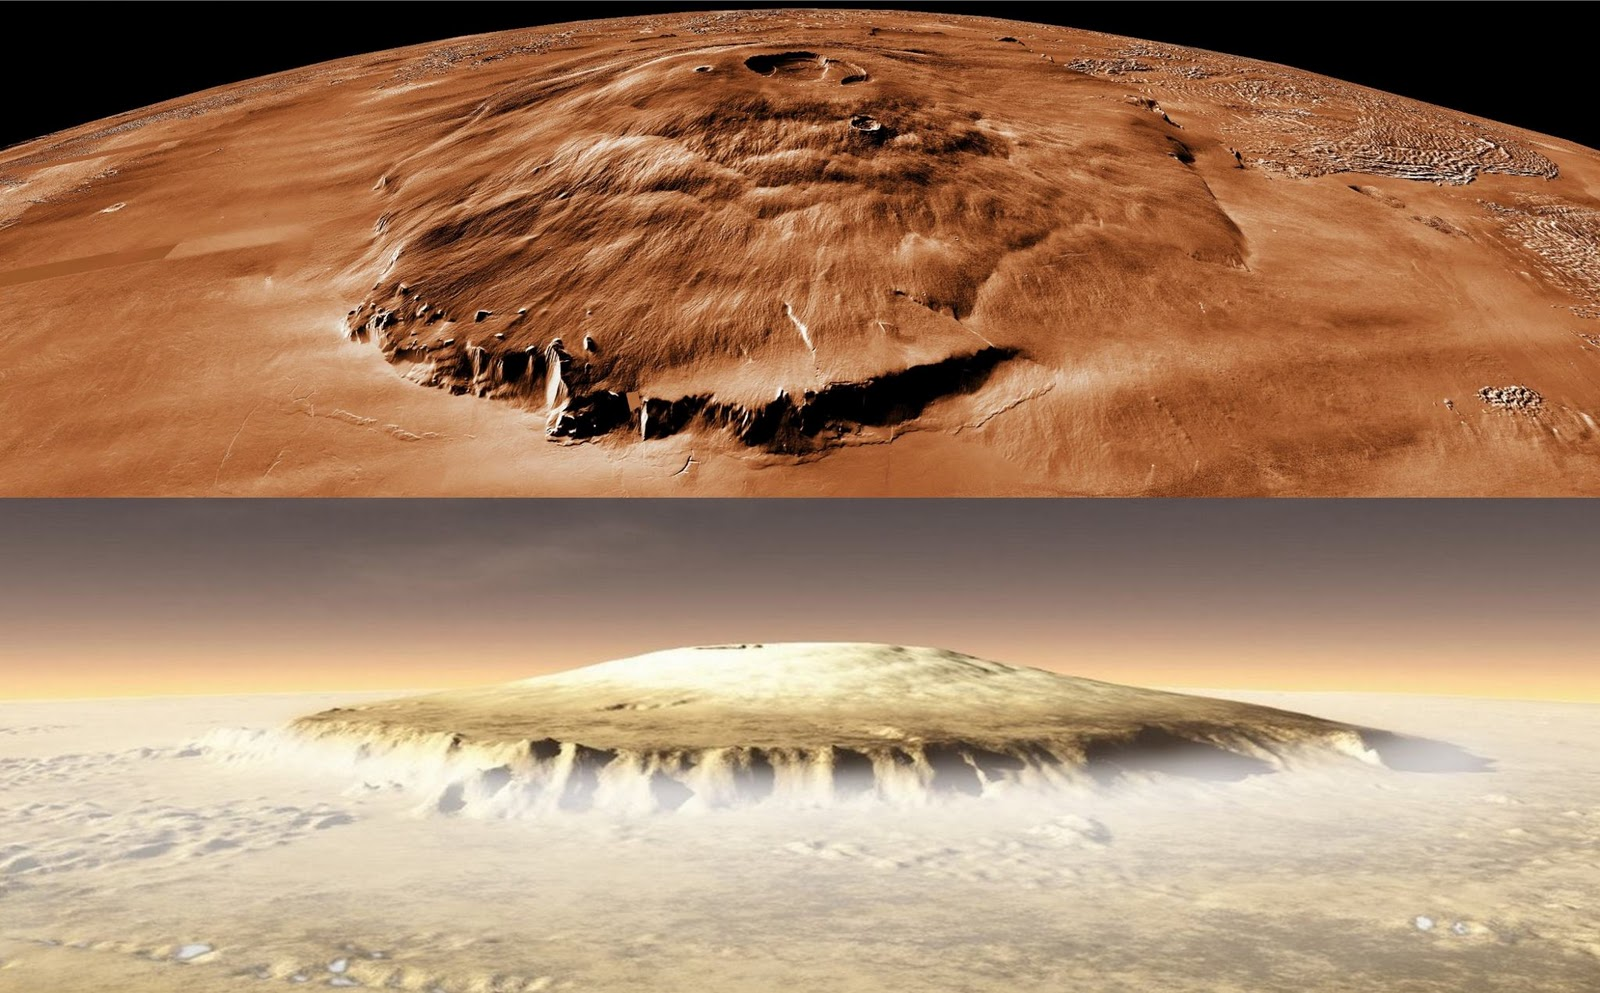 Monte Olimpo Marte 2